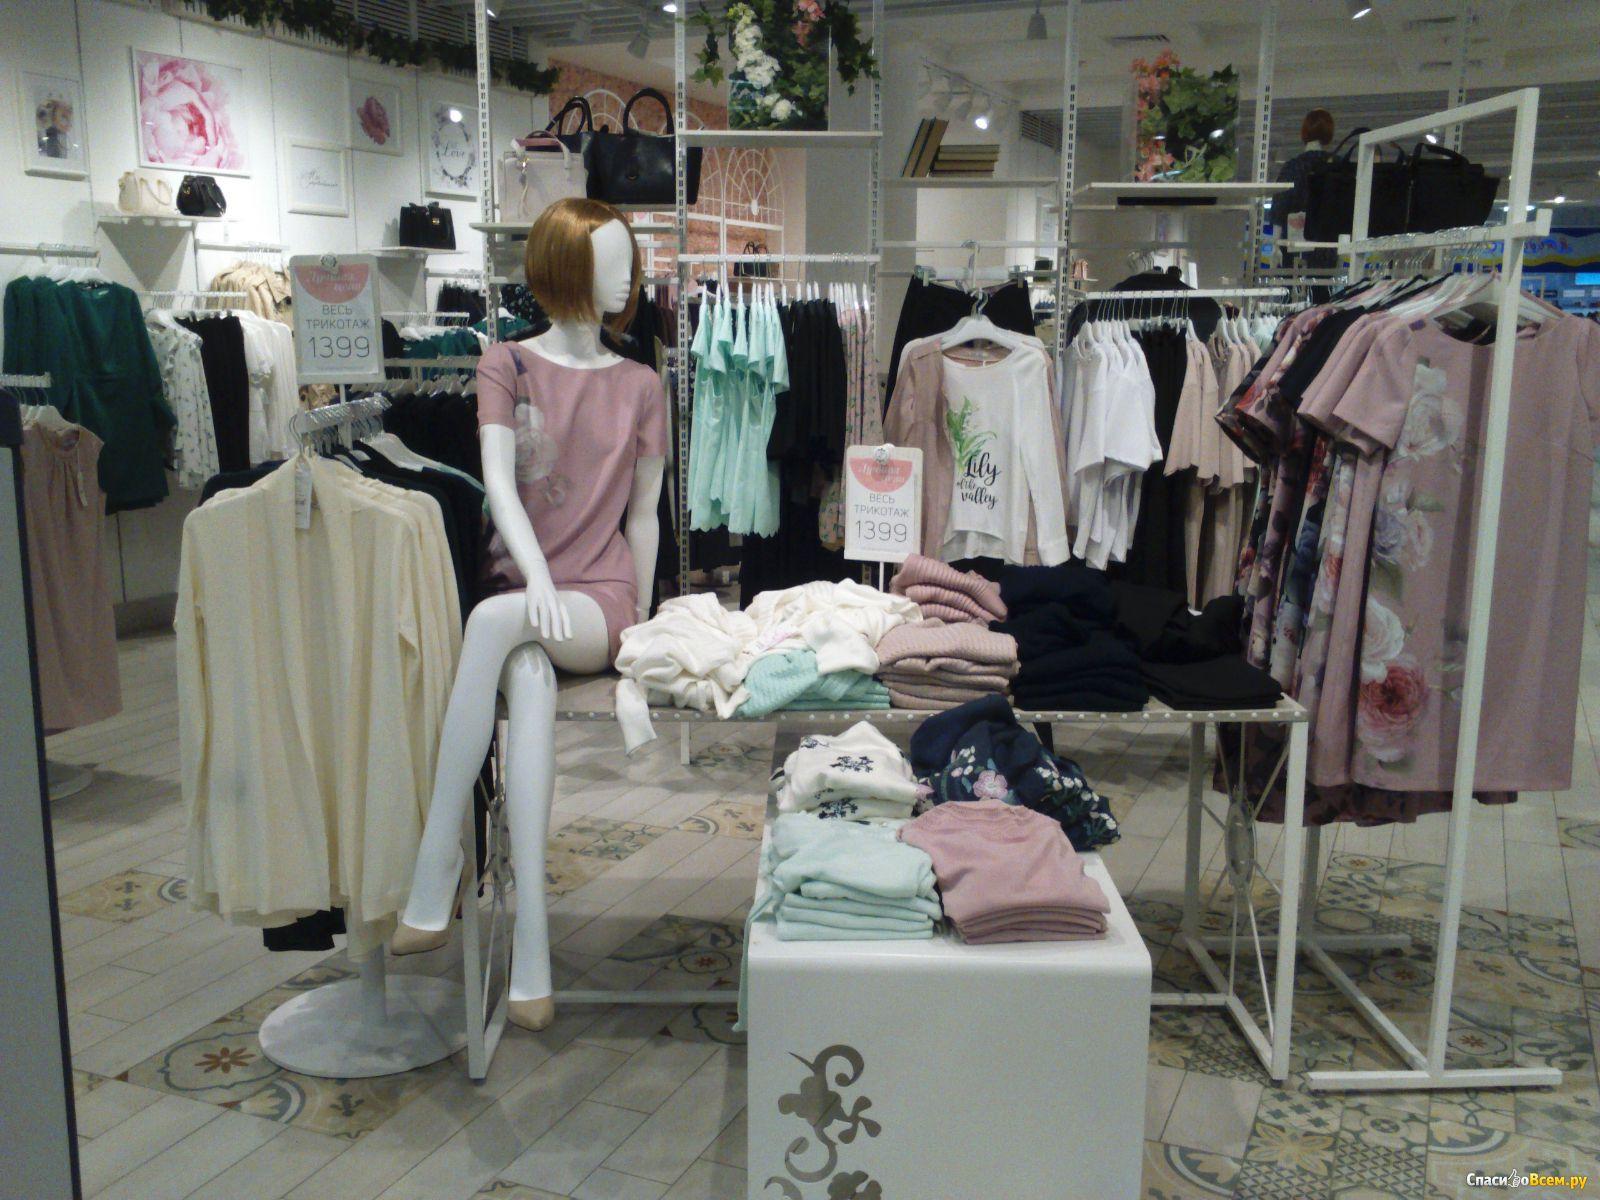 Зарина Магазин Одежды